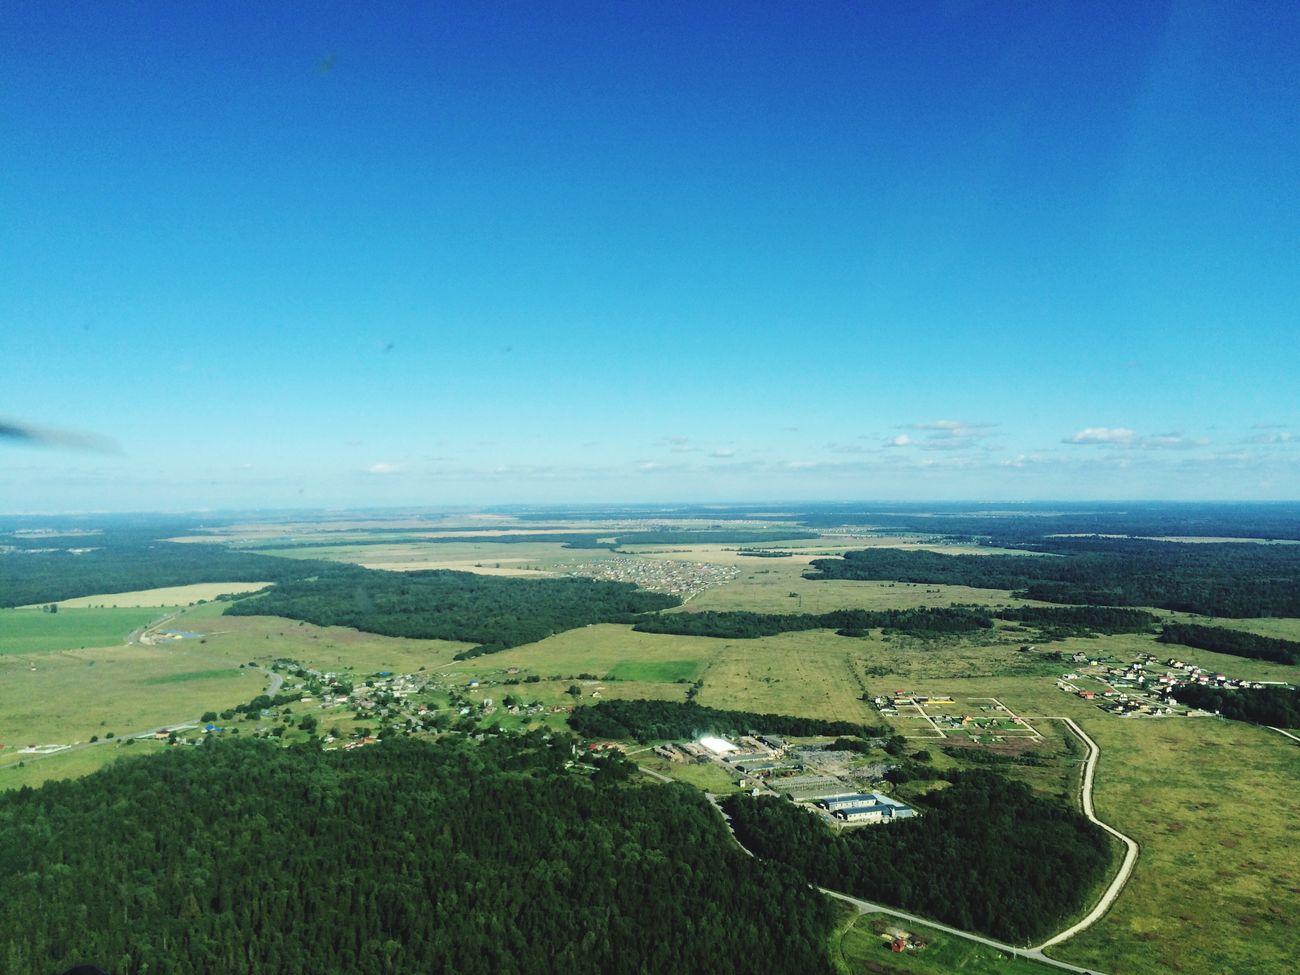 гостилицы ленинградскаяобласть 78 регион Полет поле